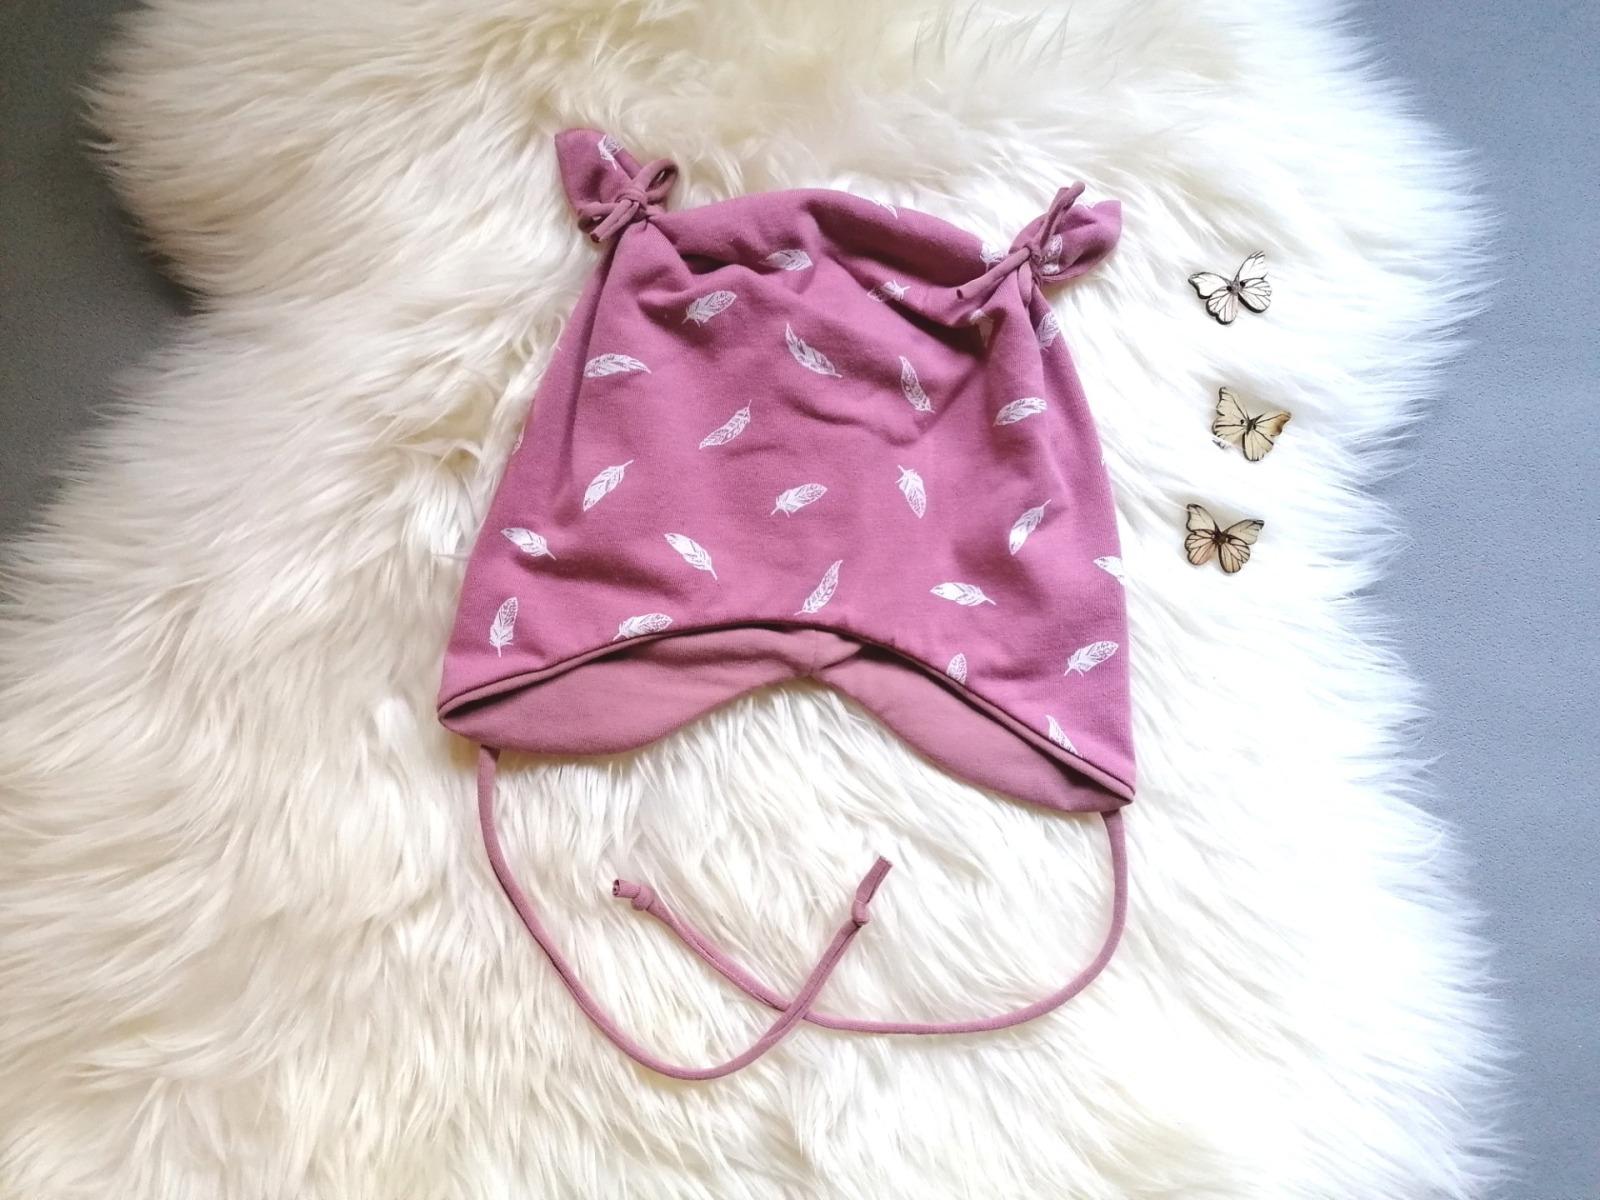 SOFORTKAUF: Kopfumfang 48-50cm Baby Kind Ohrenmütze